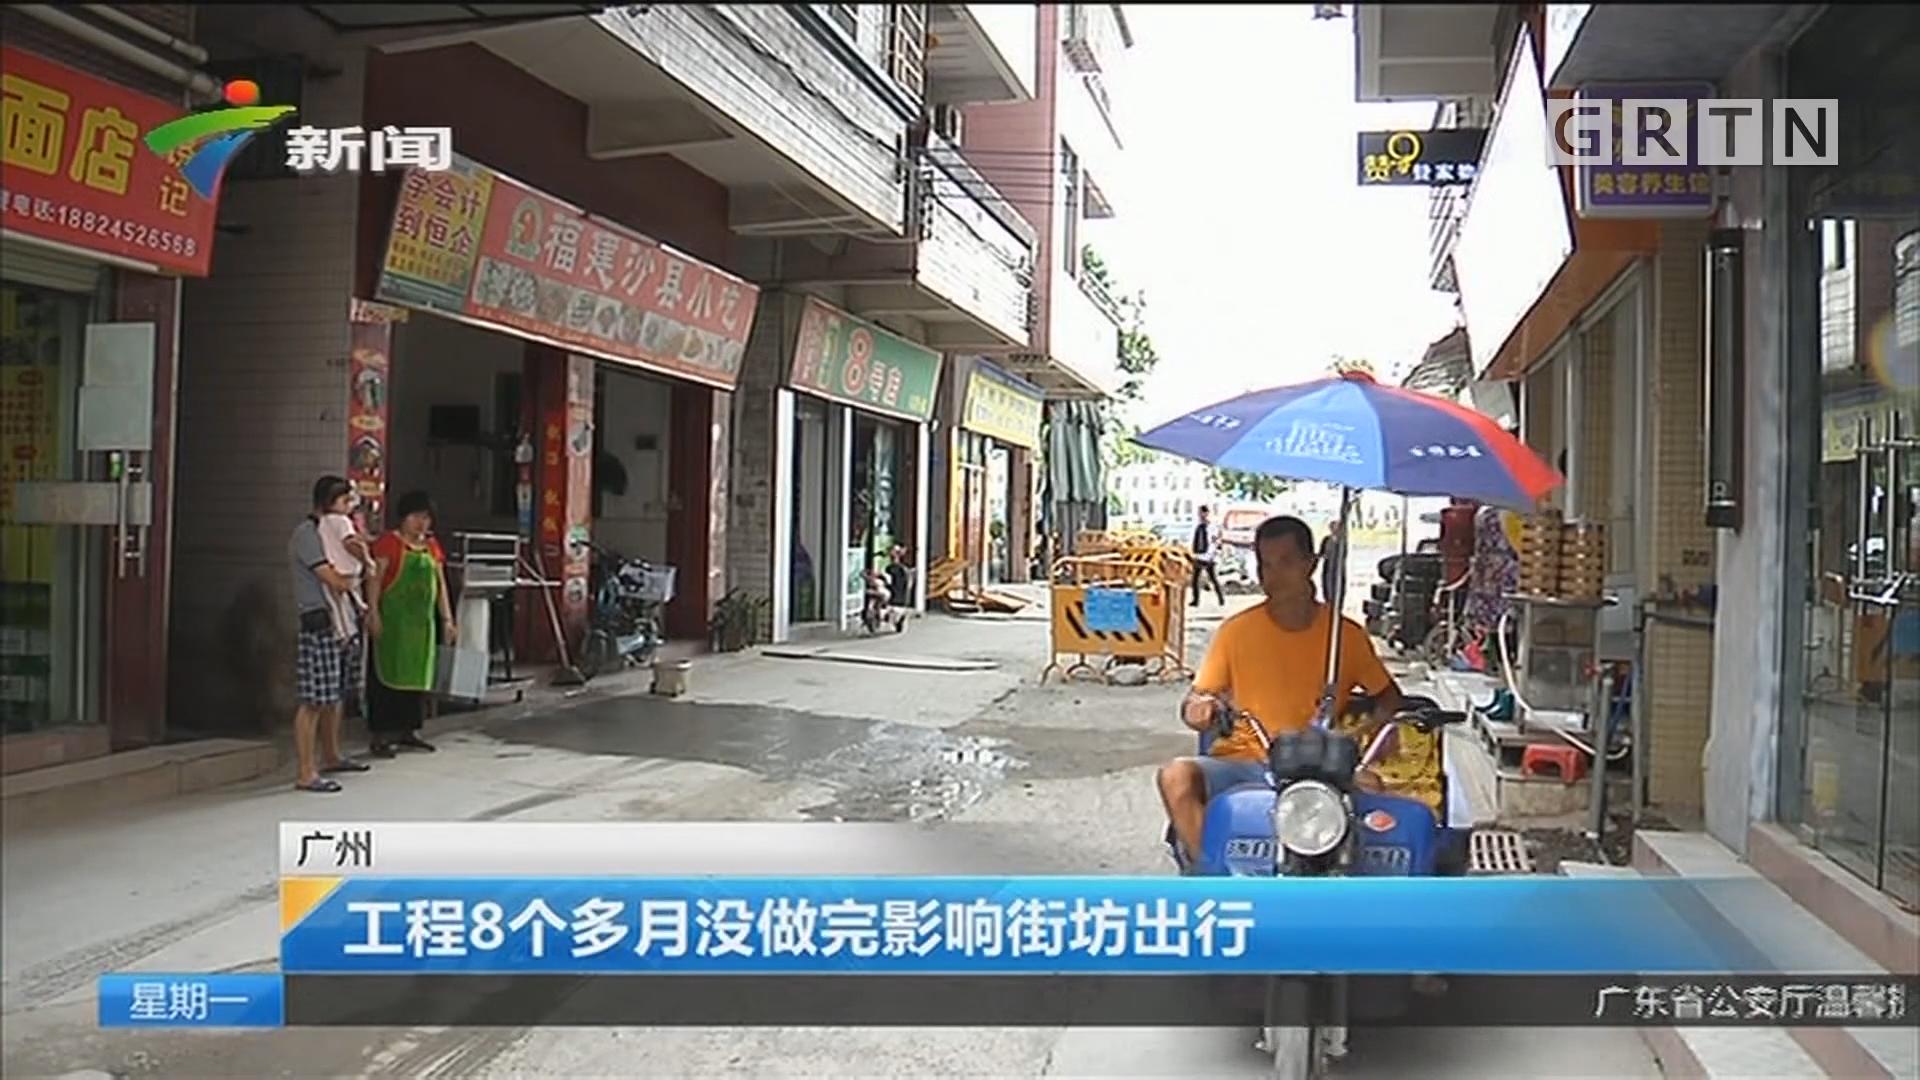 广州:工程8个多月没做完影响街坊出行